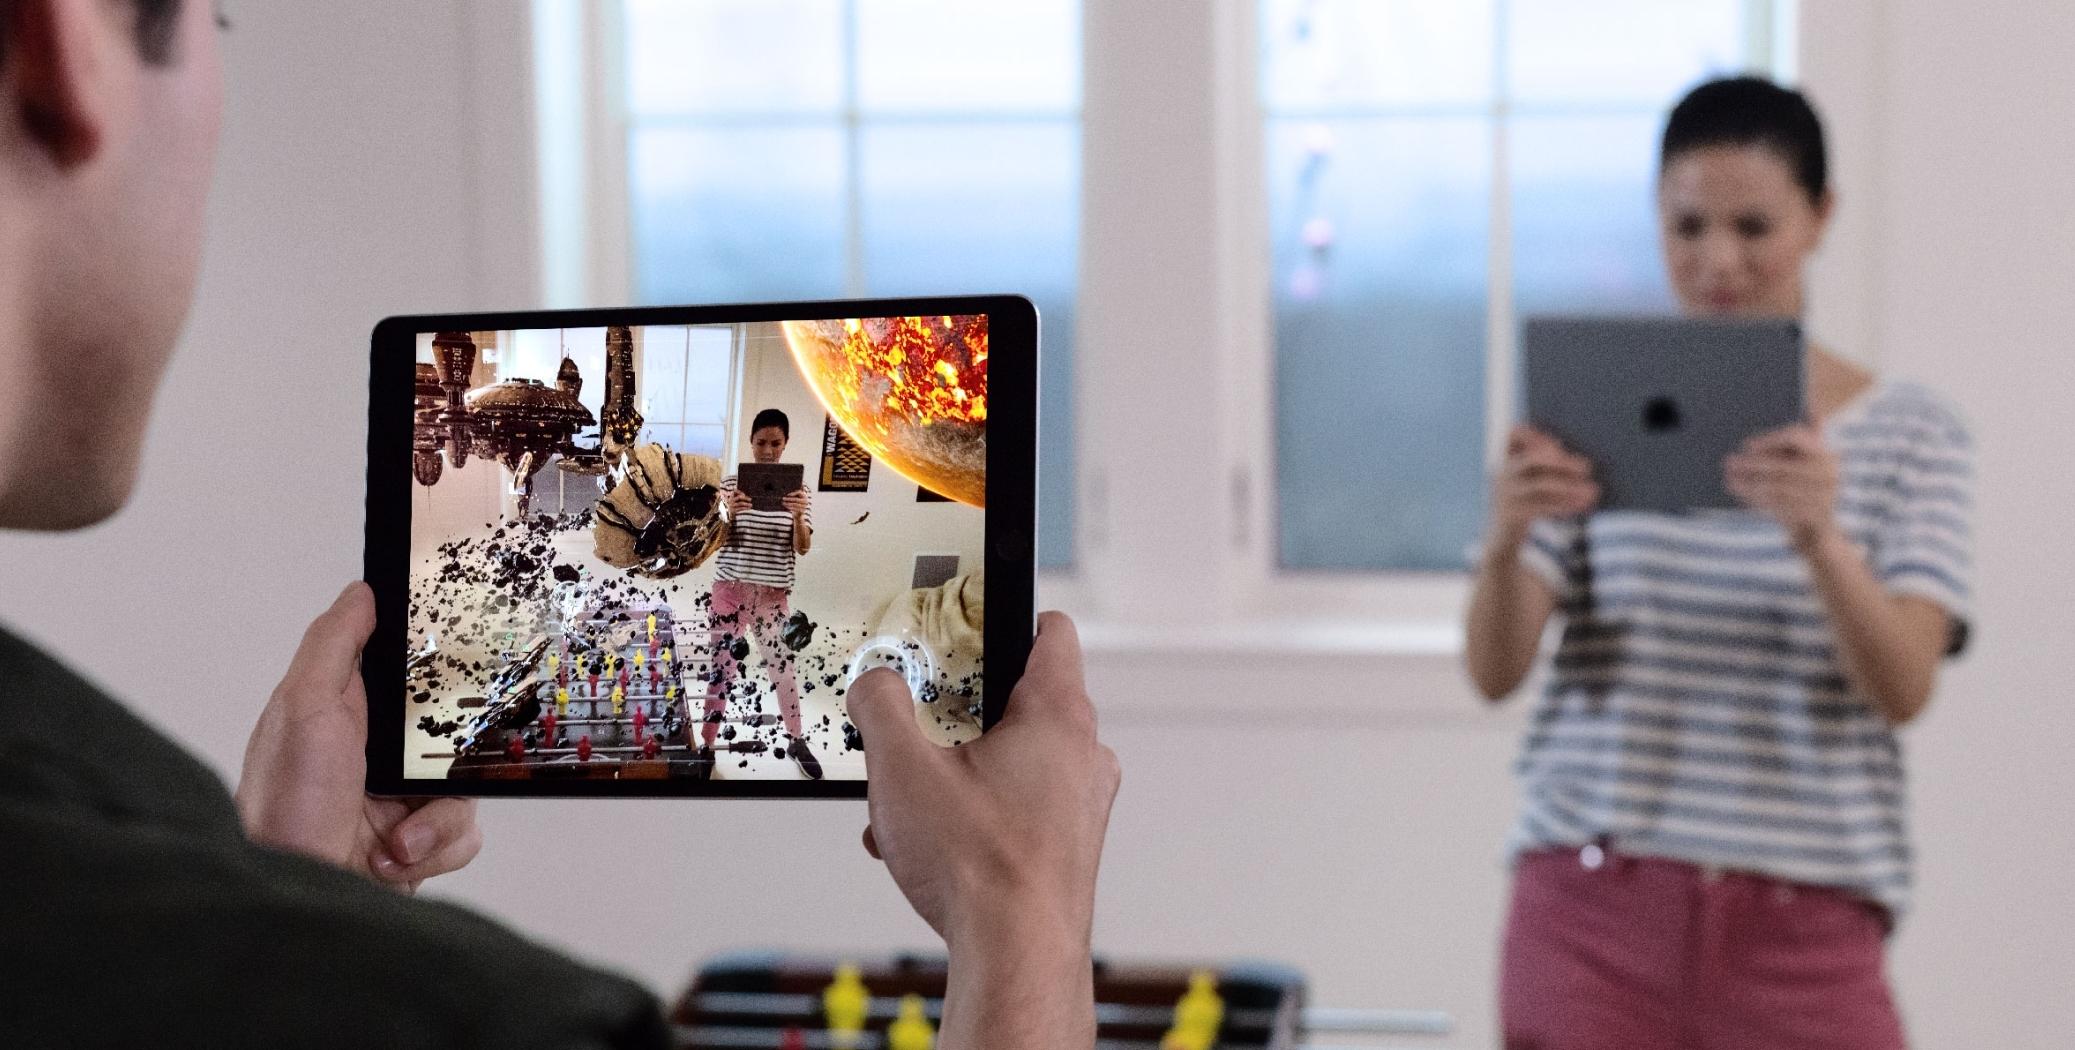 Utviklere får leke seg med ARKit 2 i iOS 12 med støtte for flerspiller-modus.